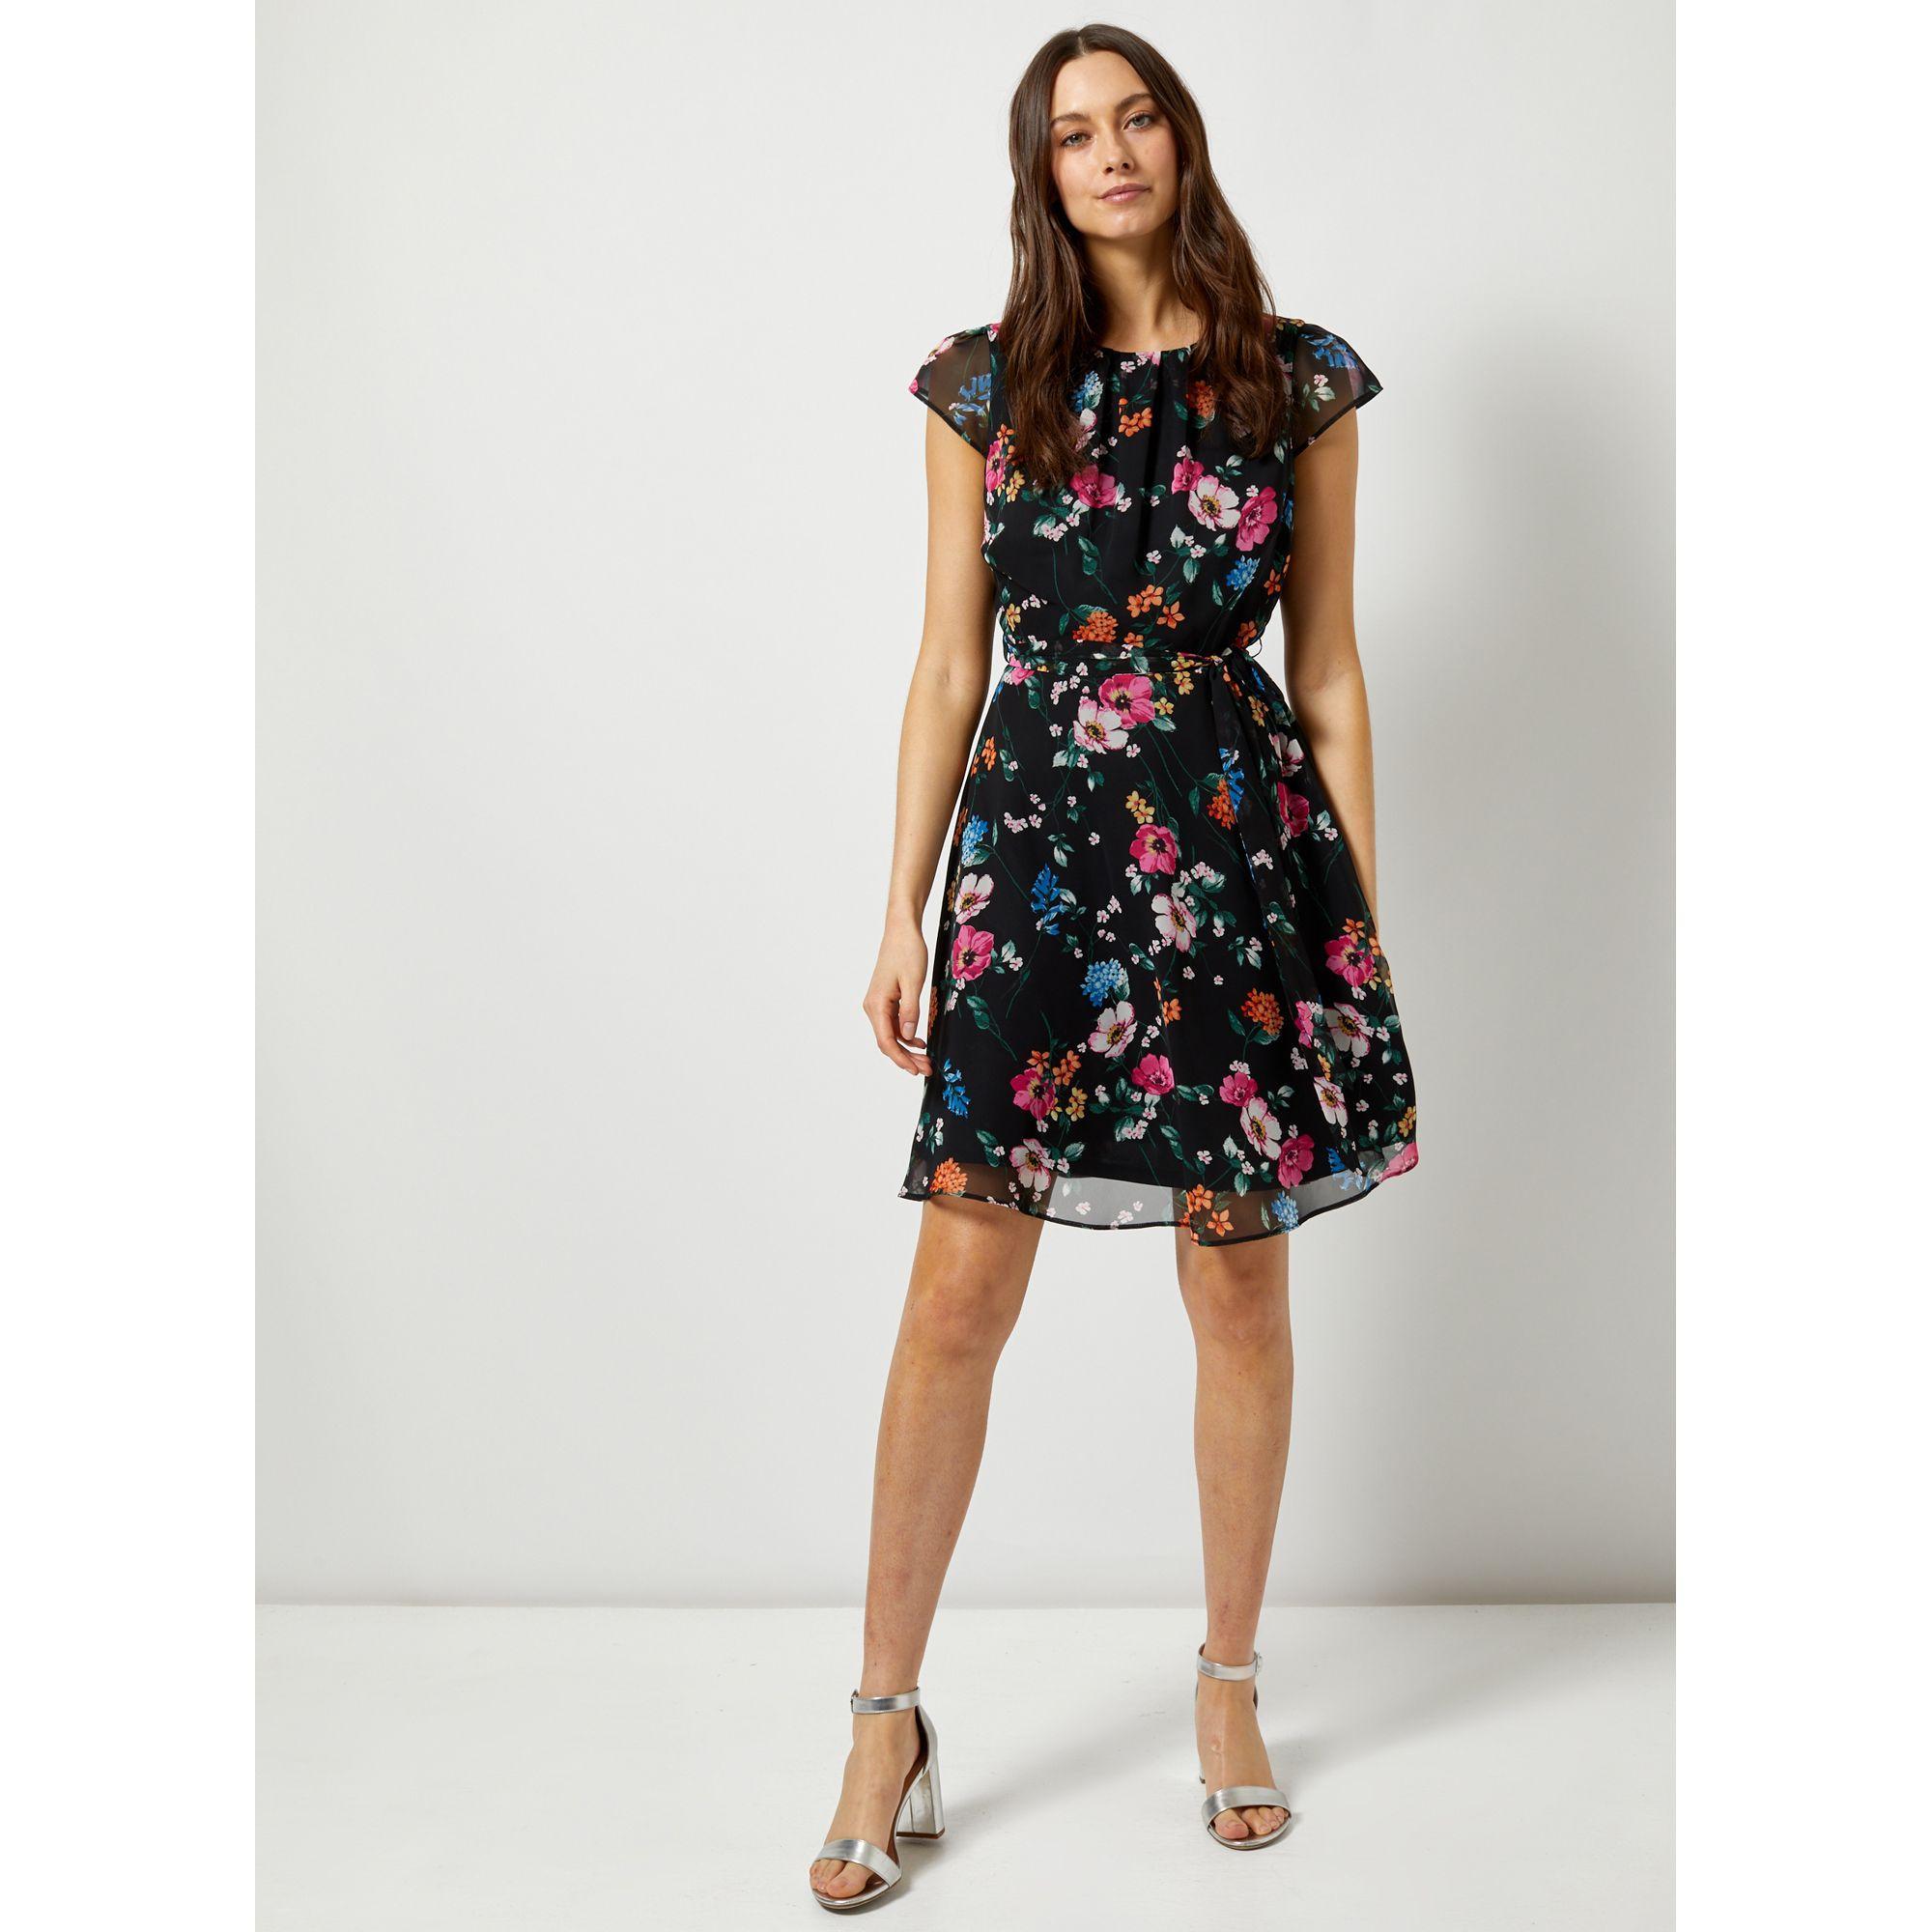 5e3ad59c7e2 Dorothy Perkins. Women s Billie   Blossom Black Short Sleeve Floral Print  Skater Dress